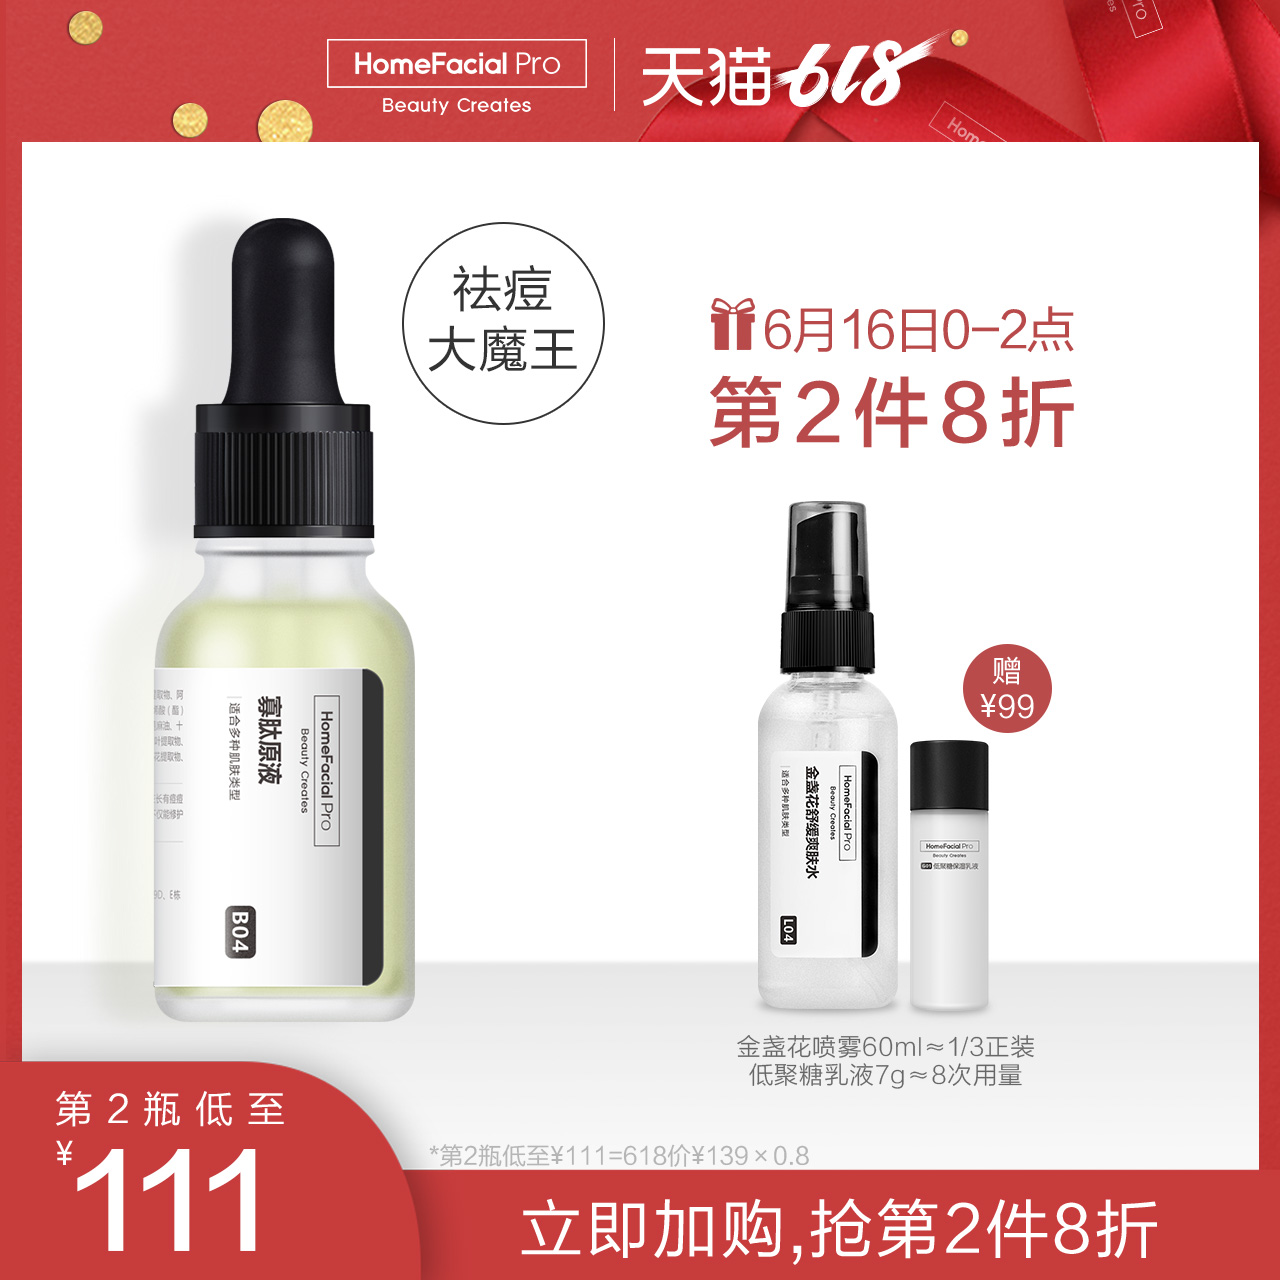 HFP寡肽原液 去淡化痘印痘疤冻干粉祛痘护肤品产品面部精华液男女